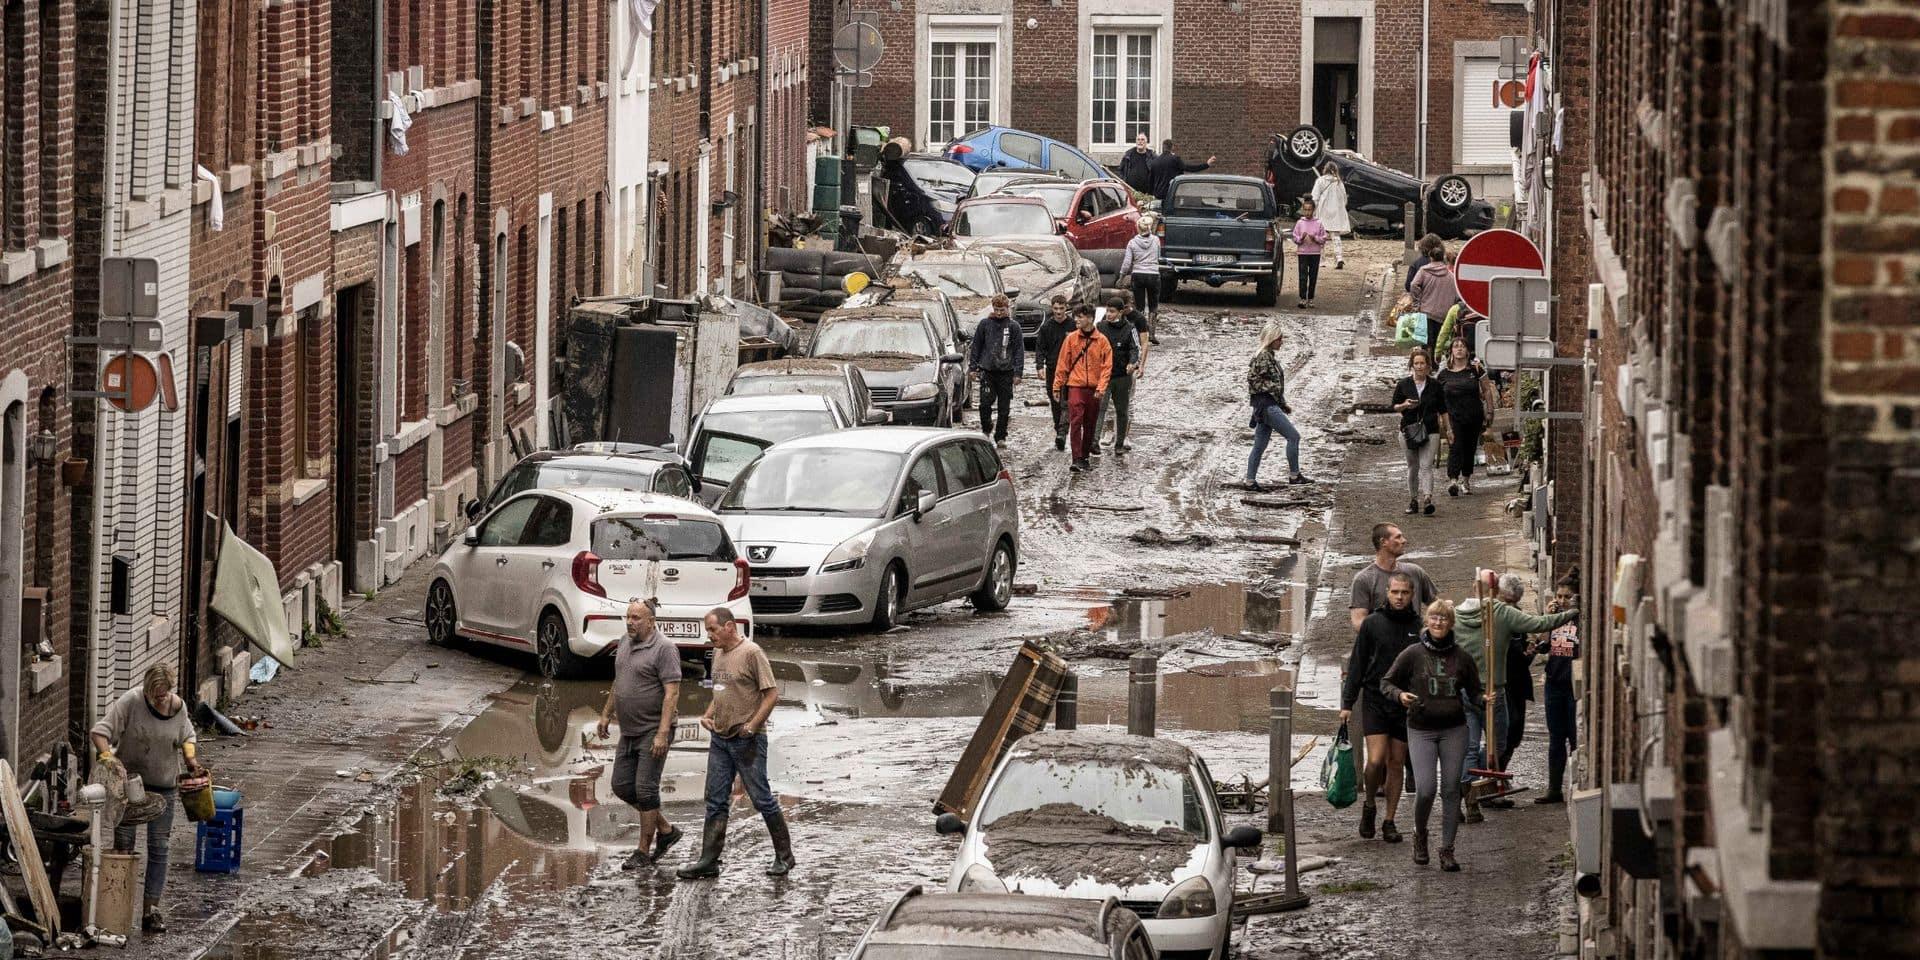 Mobilité à Liège : les quais rouverts mais des zones encore sinistrées